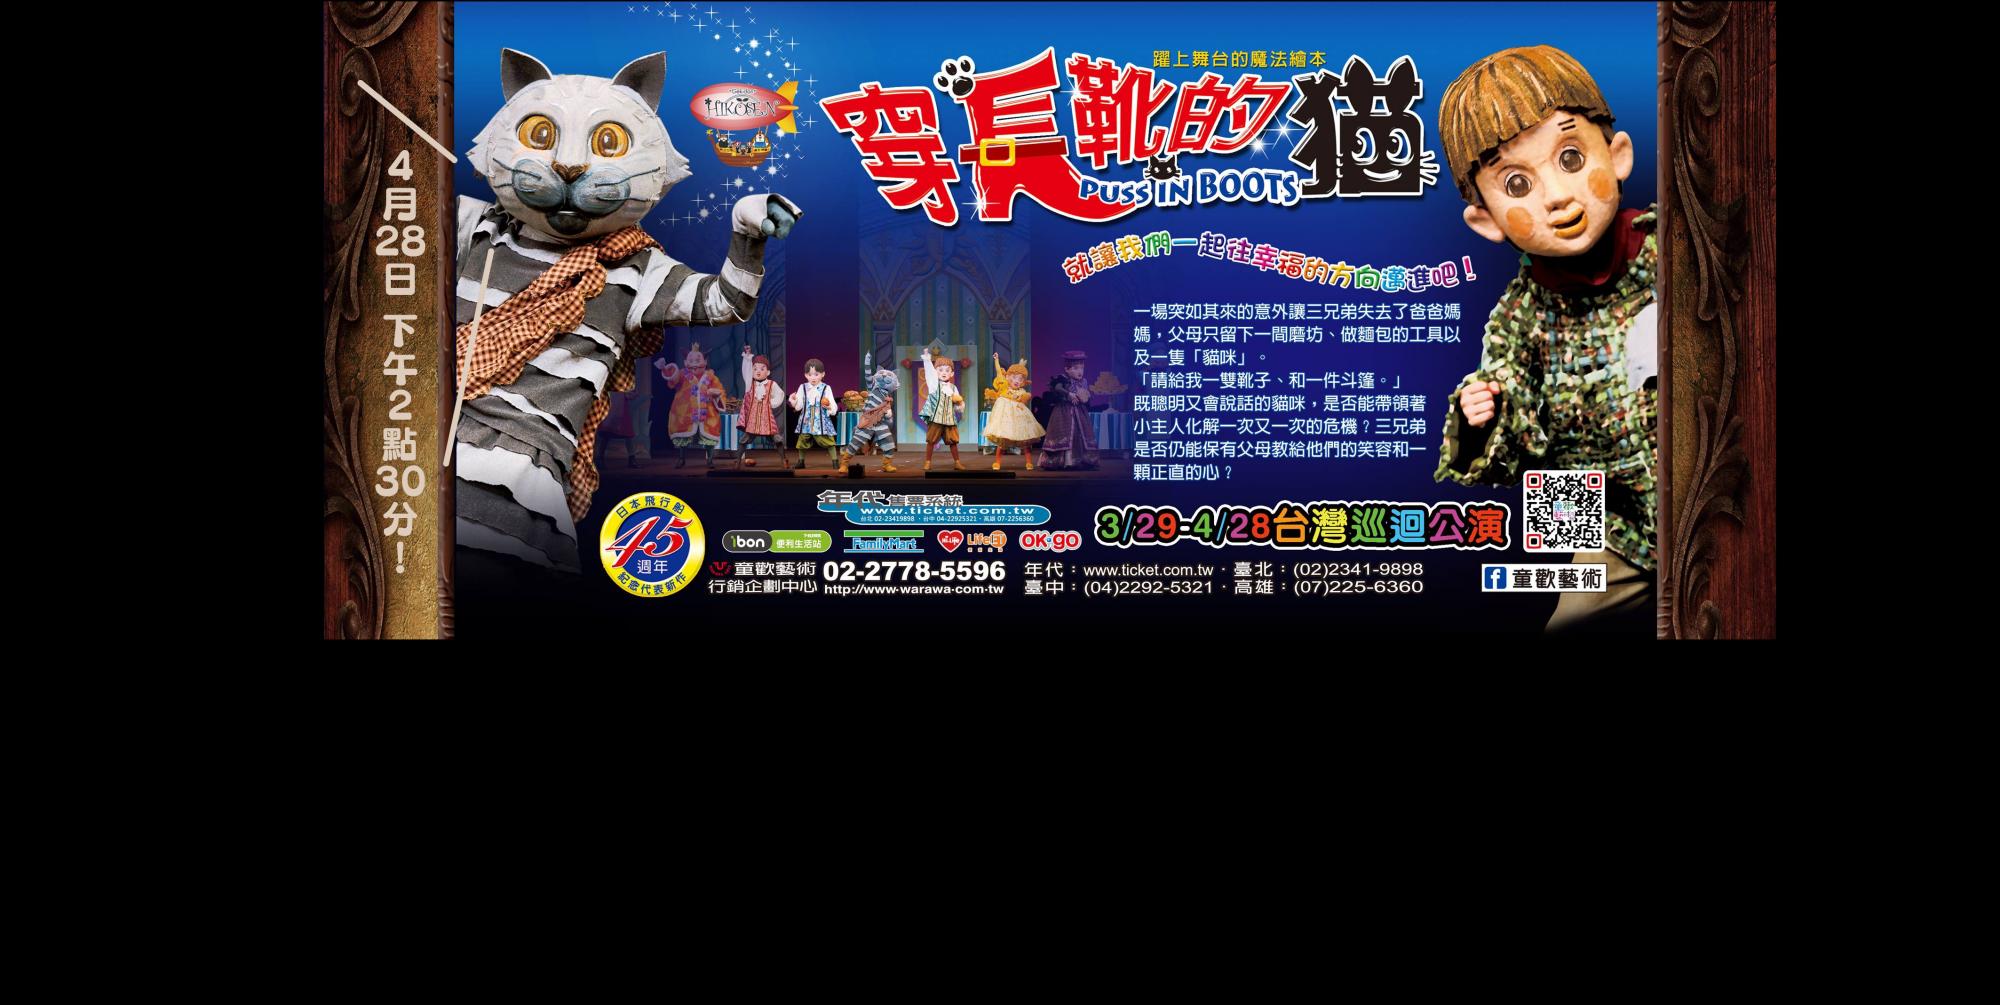 日本飛行船劇團《穿長靴的貓》